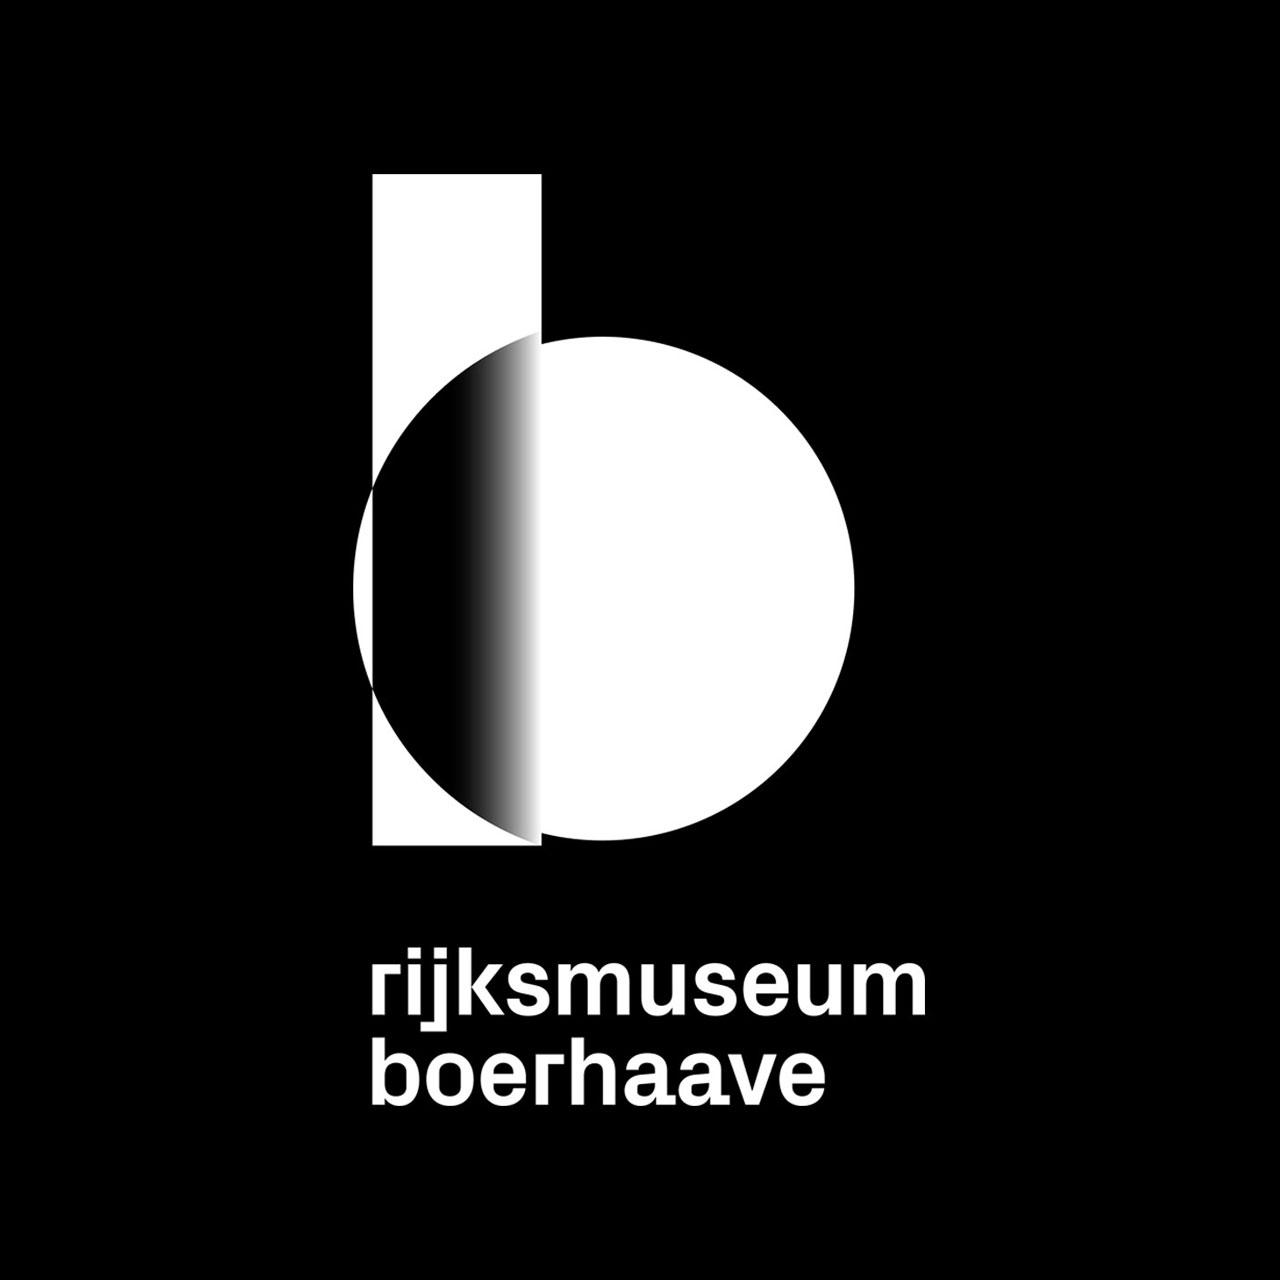 Rijksmuseum Boerhaave